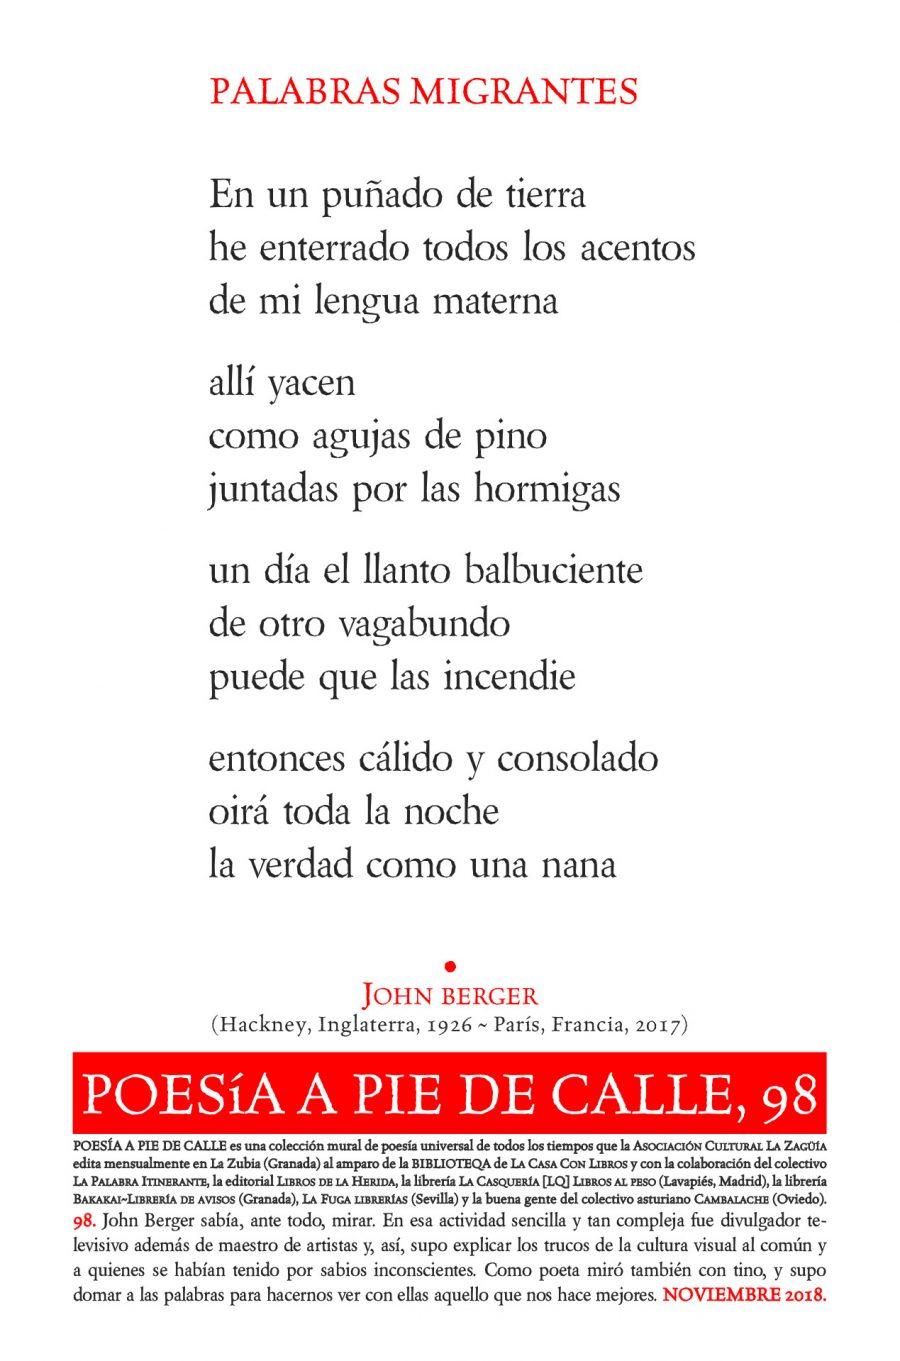 POESÍA A PIE DE CALLE, 98: PALABRAS MIGRANTES, DE JOHN BERGER